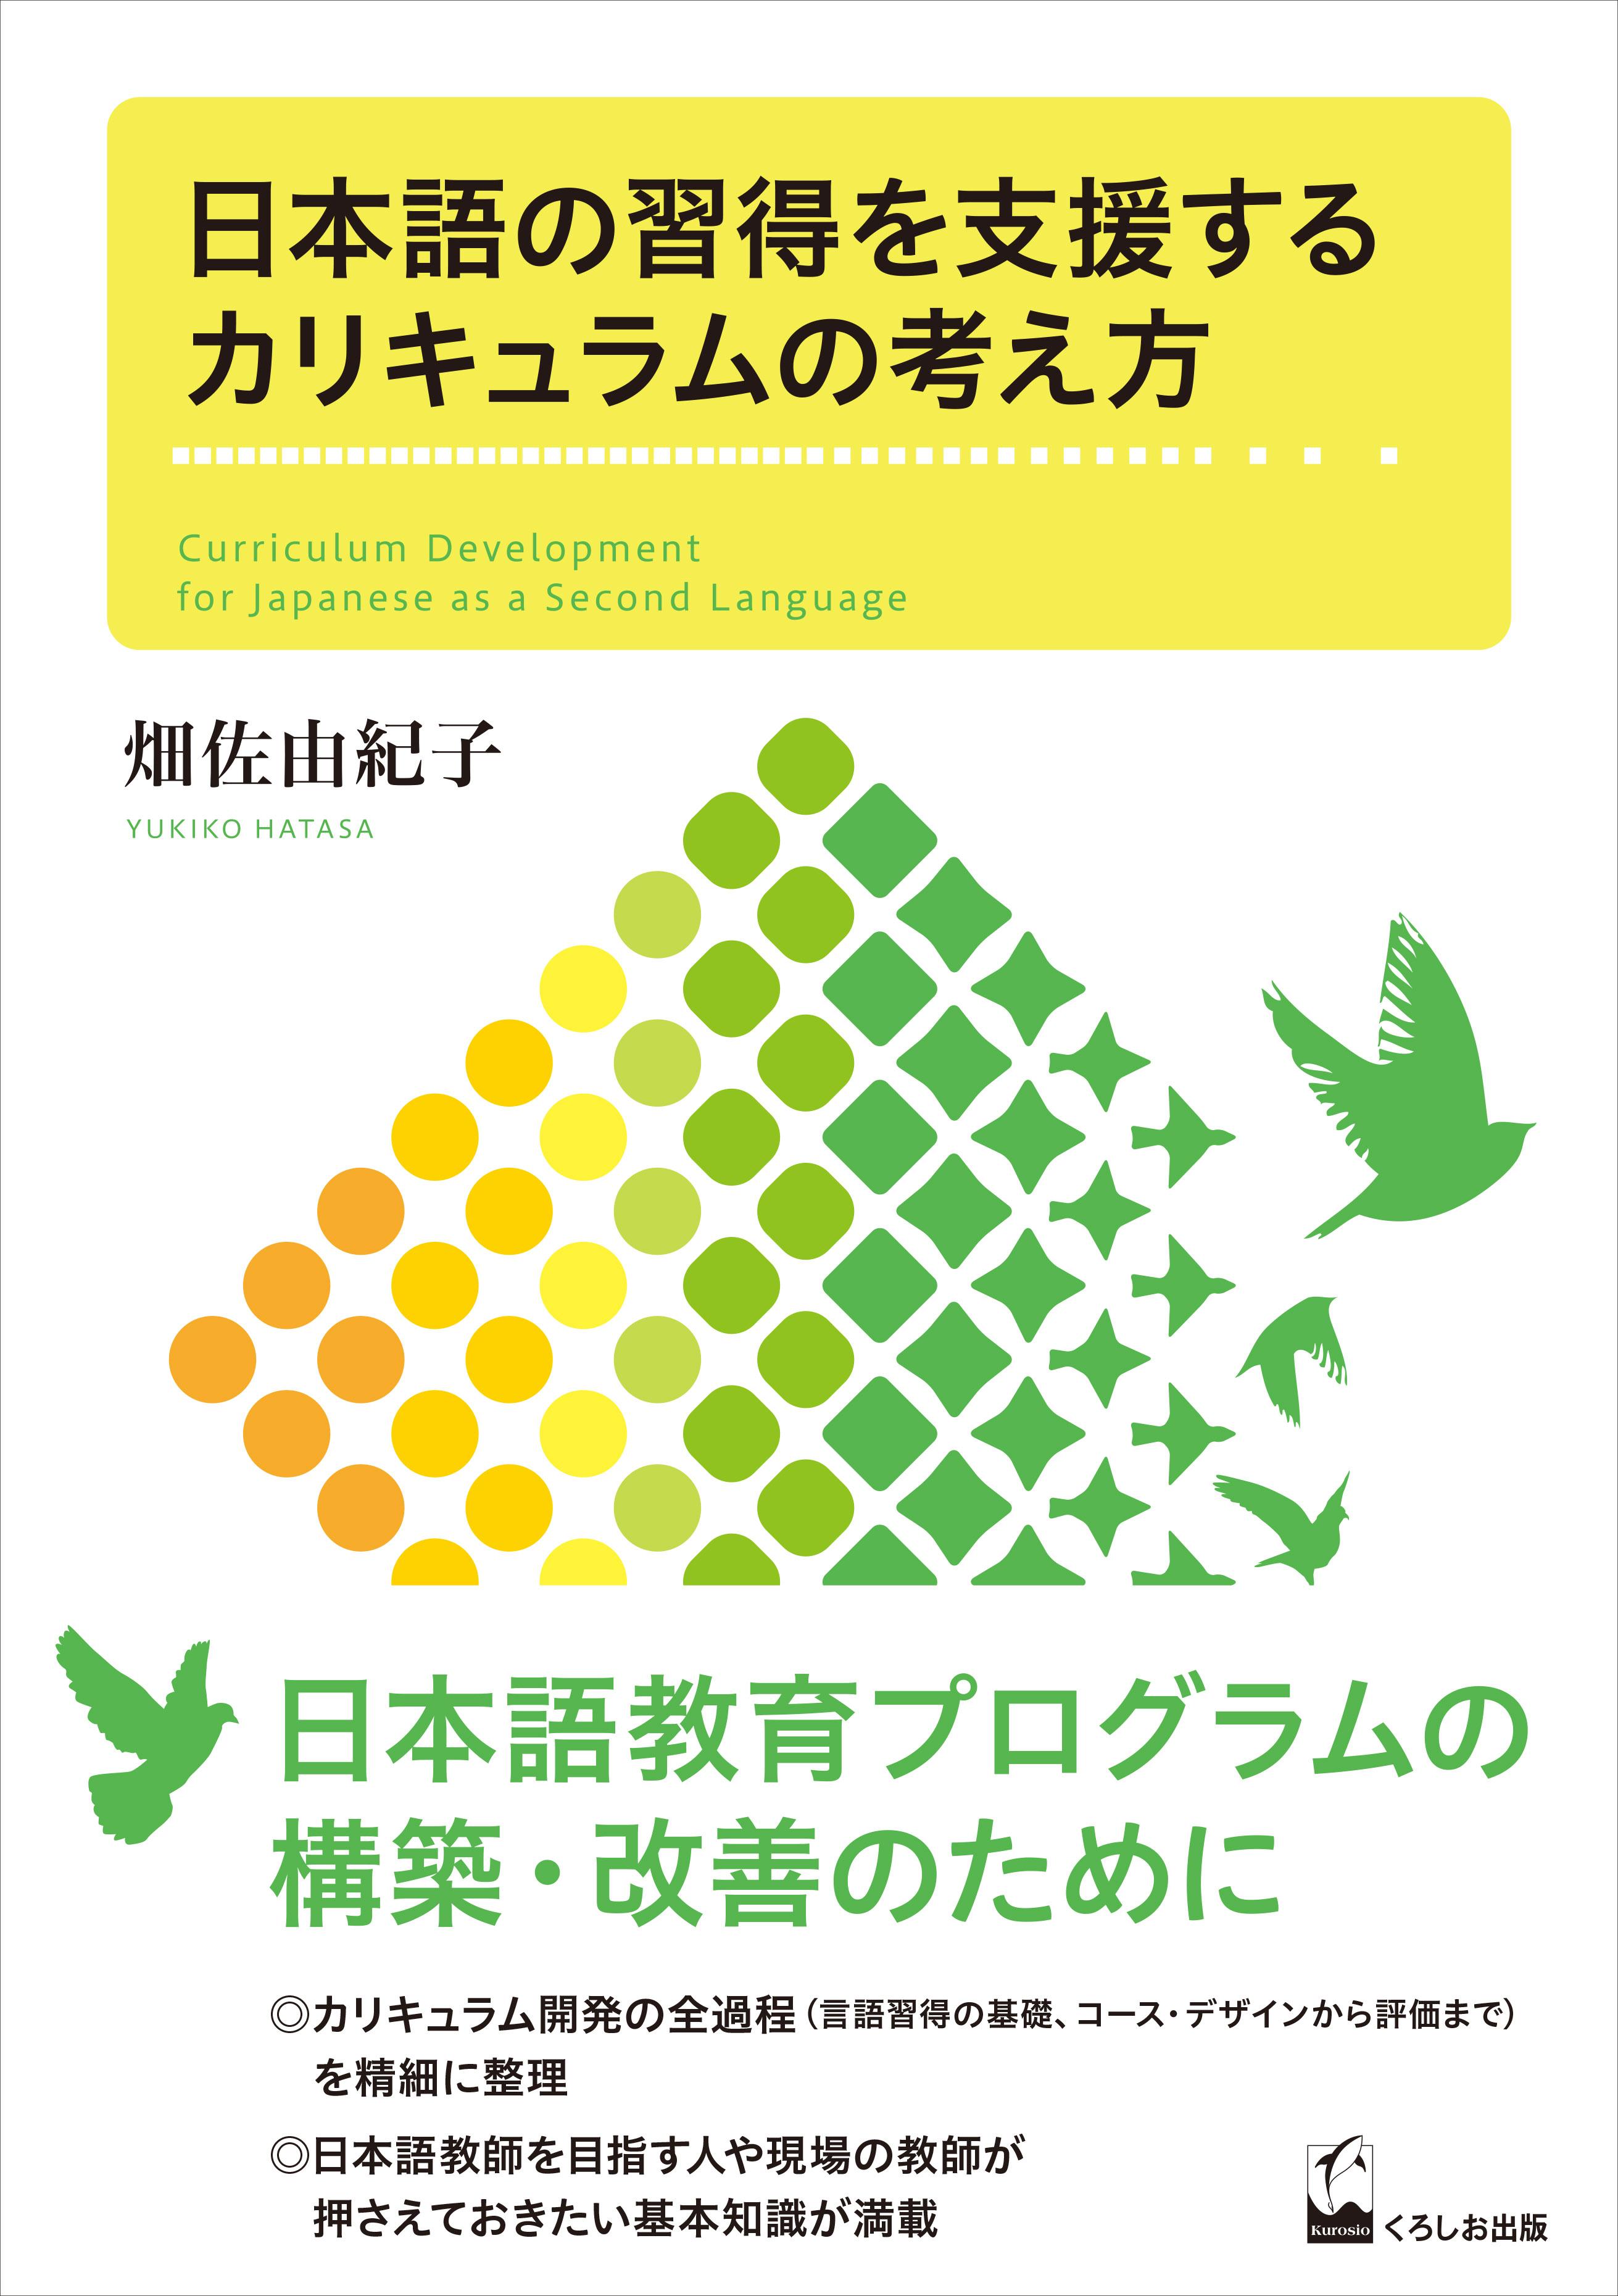 日本語の習得を支援するカリキュラムの考え方画像